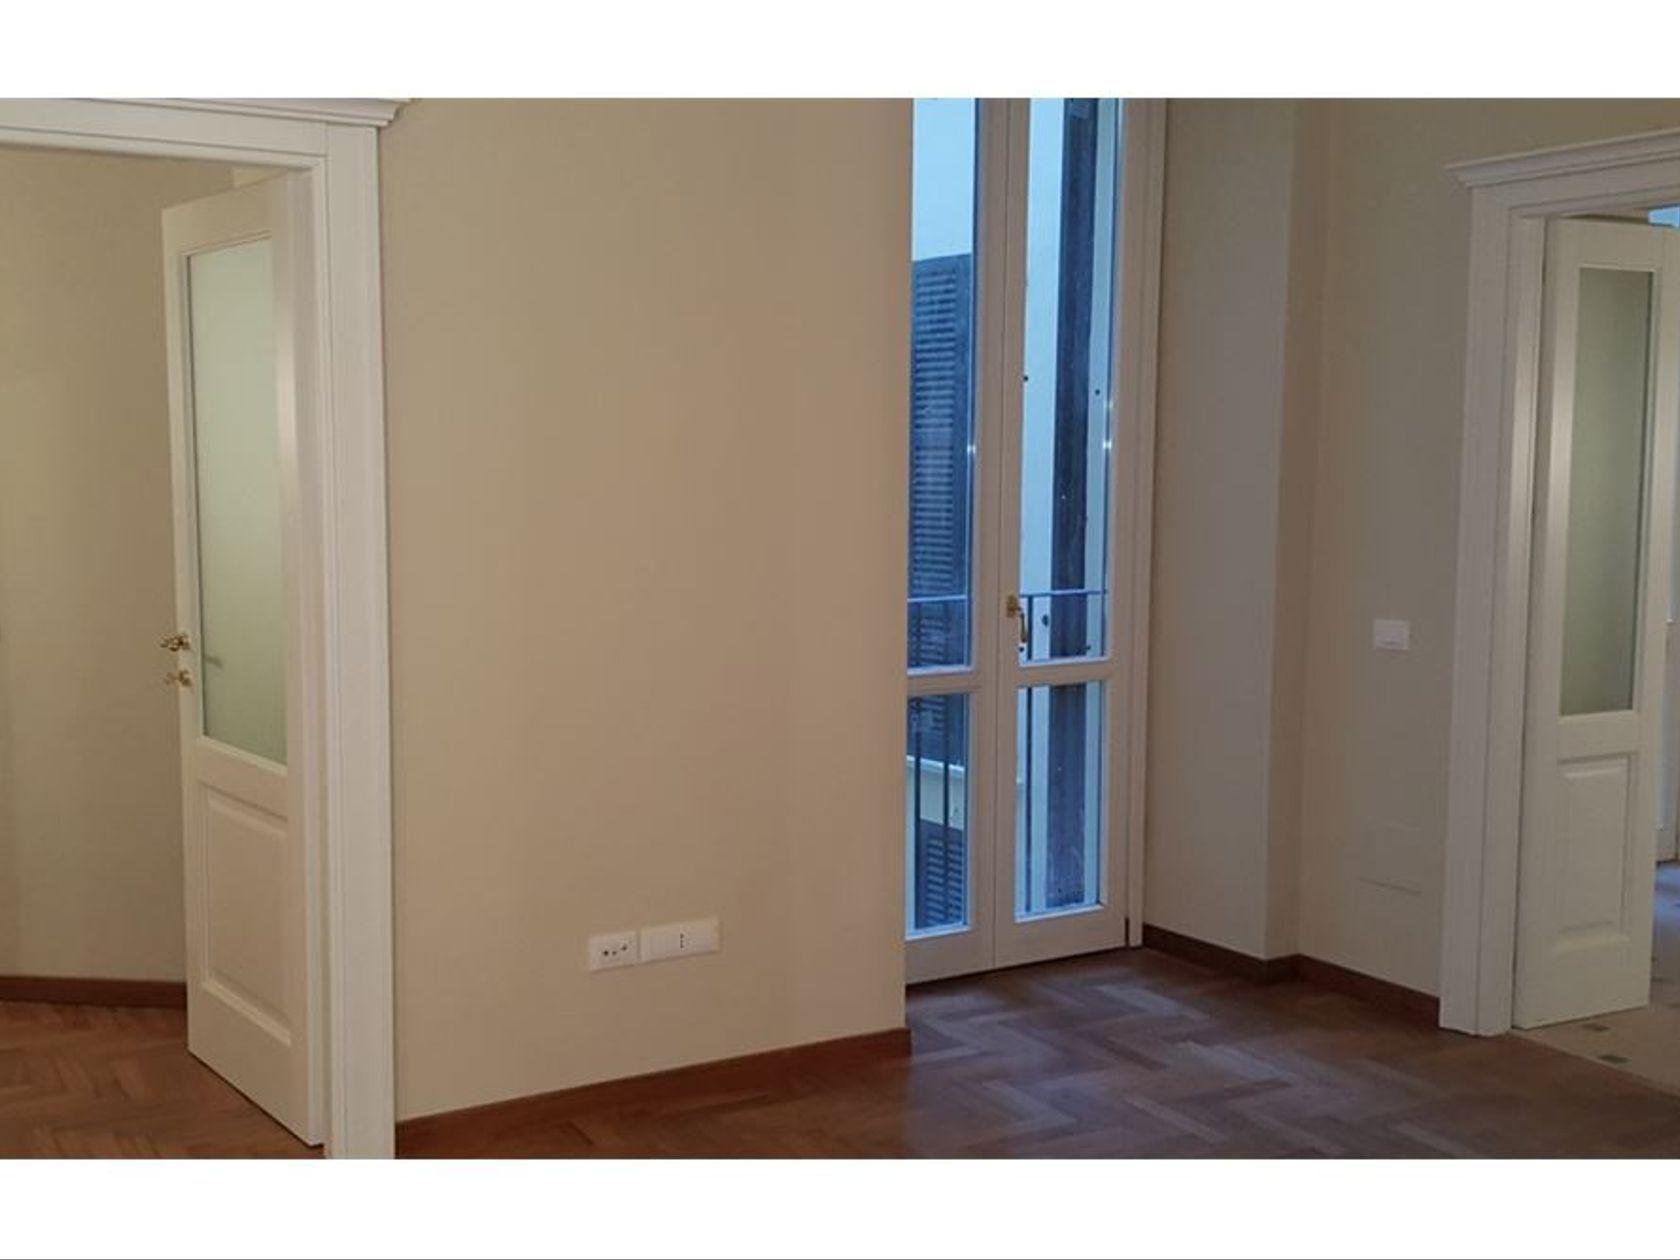 Appartamento Chieti, CH Affitto - Foto 13